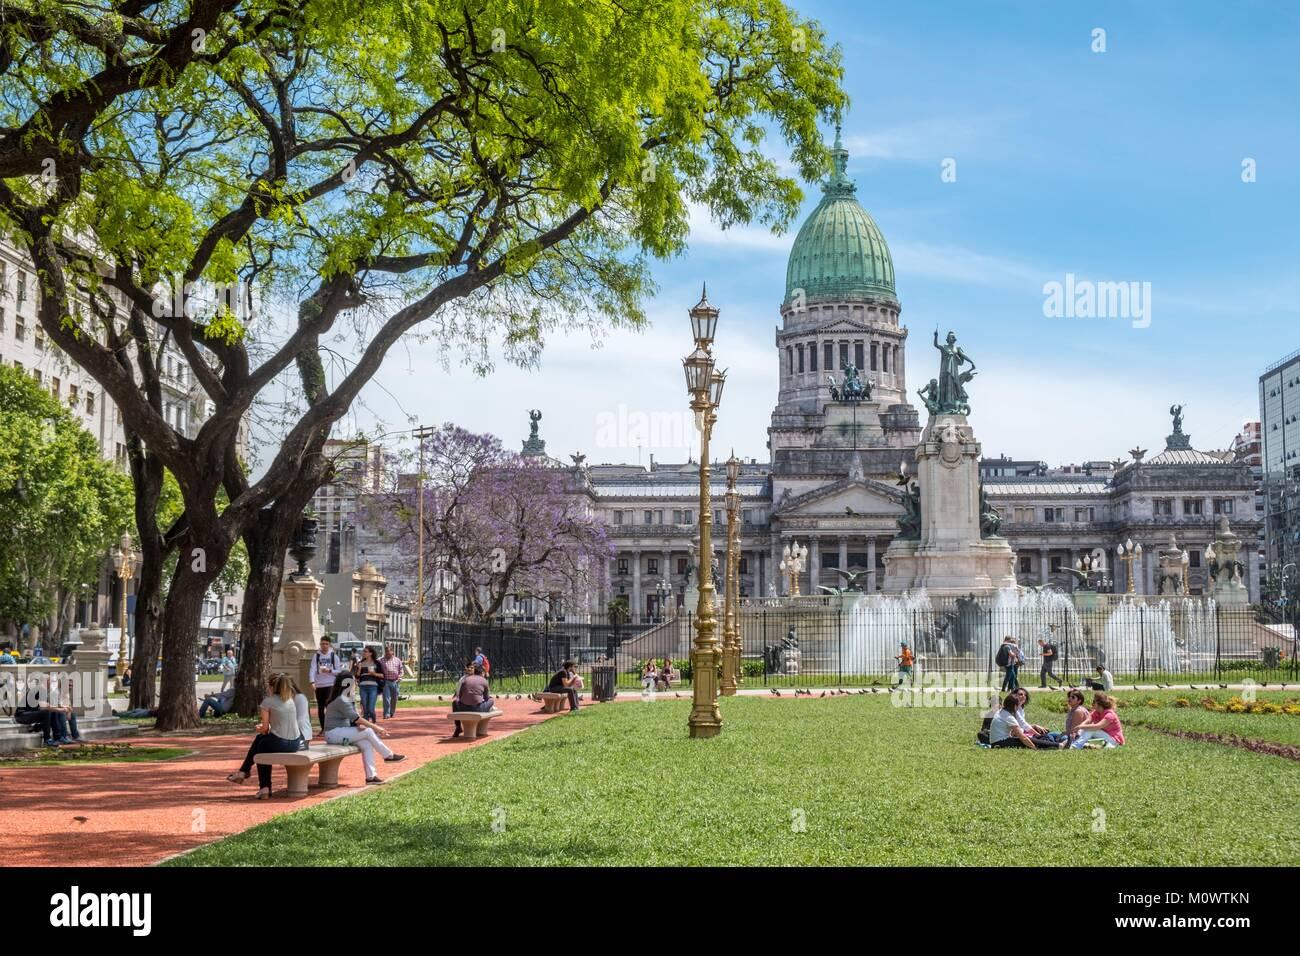 Argentine, province de Buenos Aires, Buenos Aires,Plaza Congreso,Palacio del Congreso Photo Stock